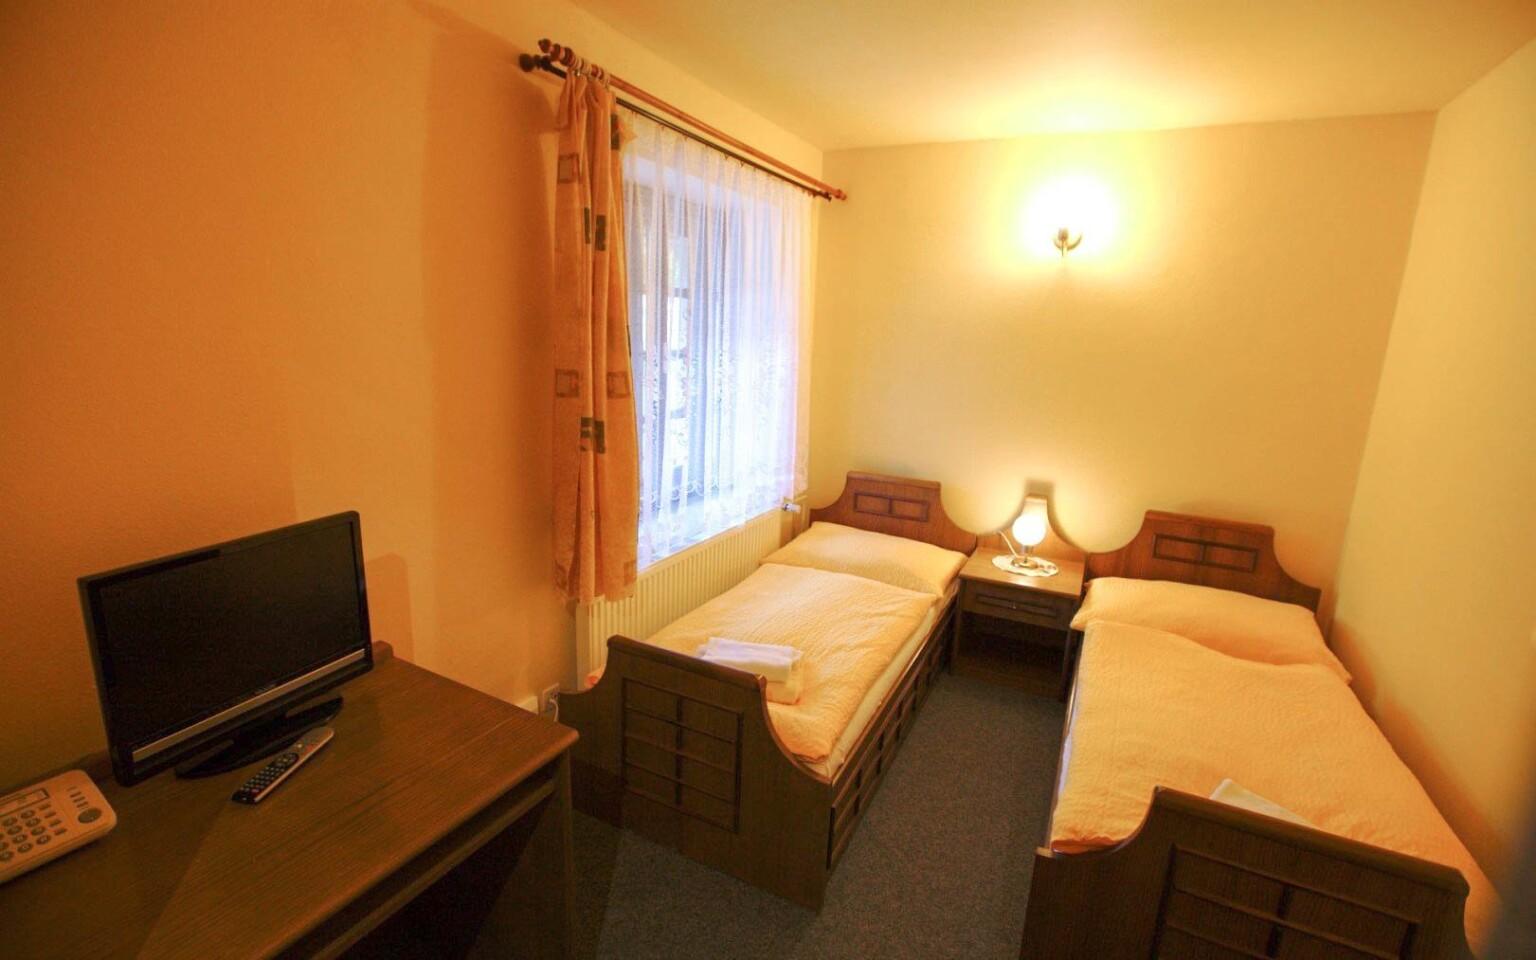 Pokoje v Hotelu Kilián jsou standardně zařízené